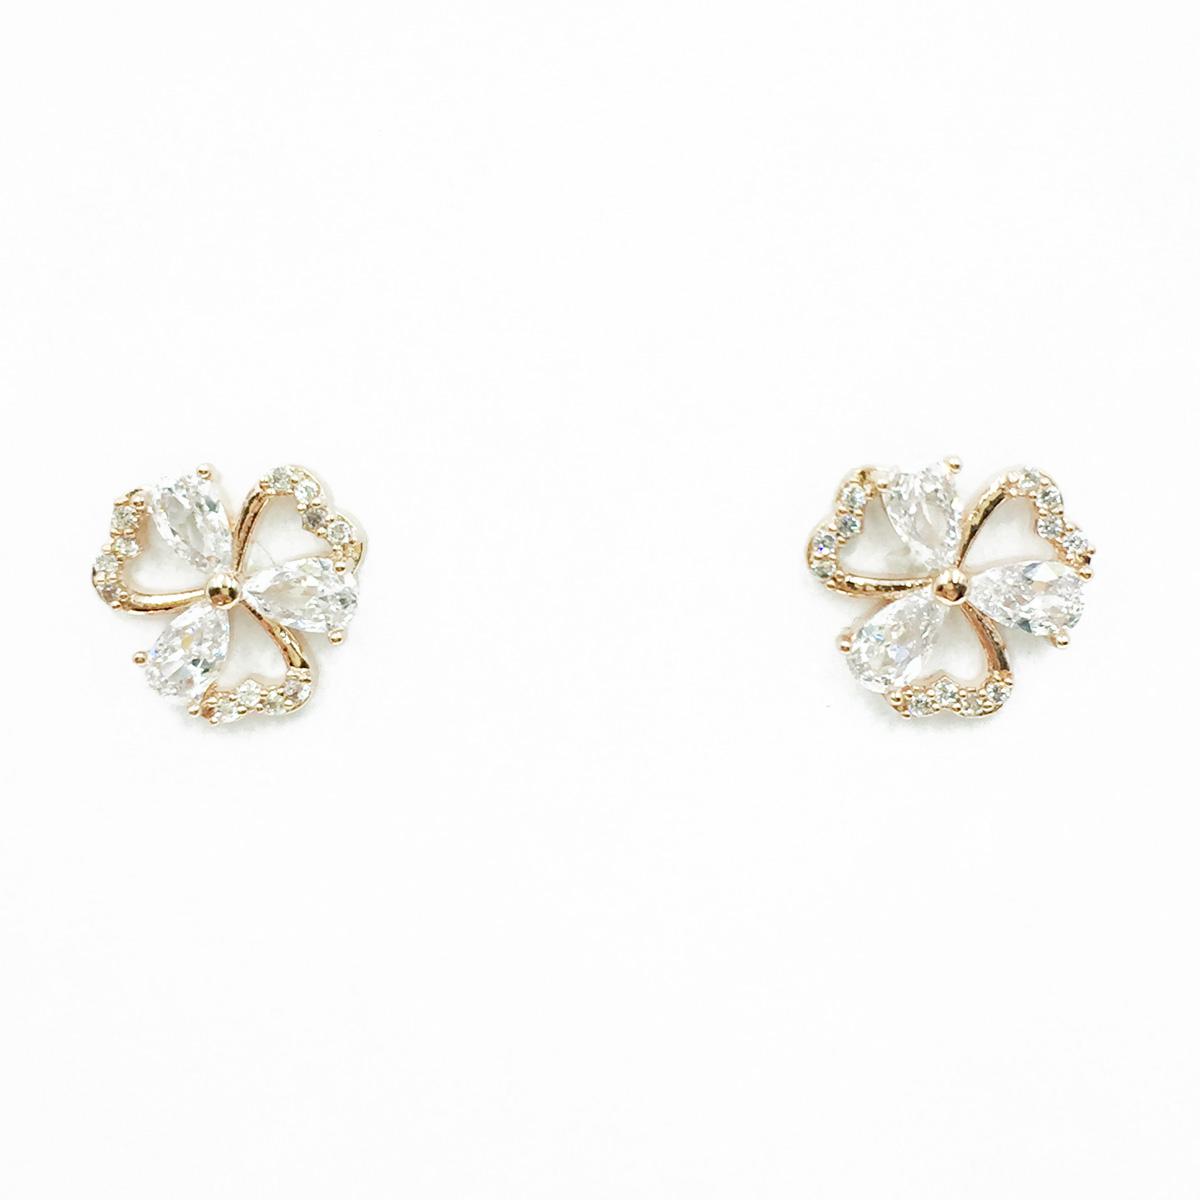 韓國 925純銀 幸運草 水鑽 簍空愛心 玫瑰金 耳針式耳環